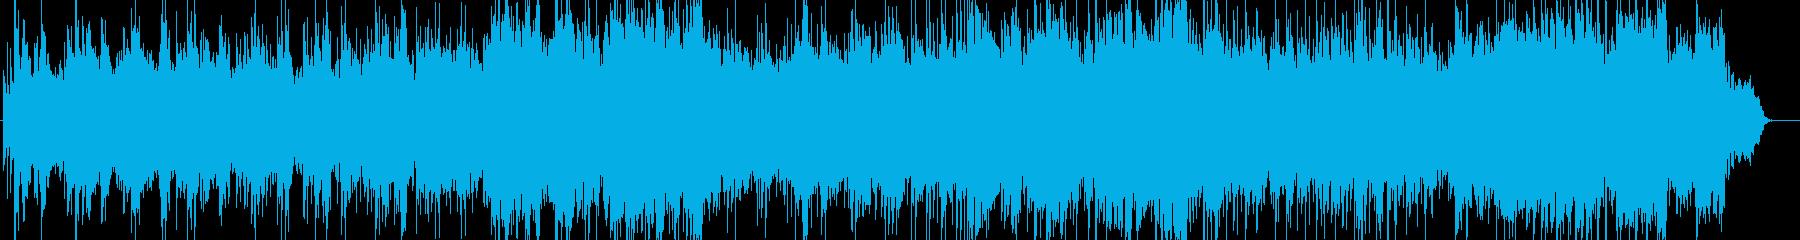 ピアノとケーナの爽やかな音楽の再生済みの波形